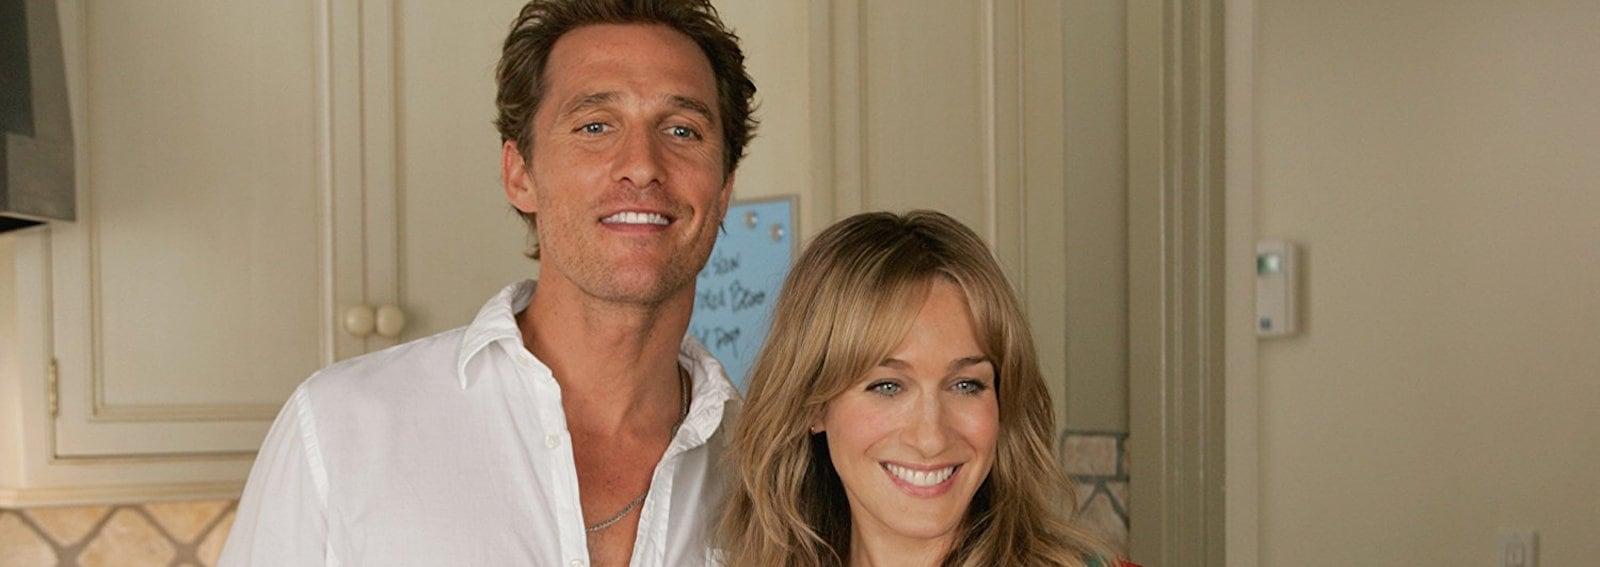 Matthew McConaughey e Sara Jessica Parker